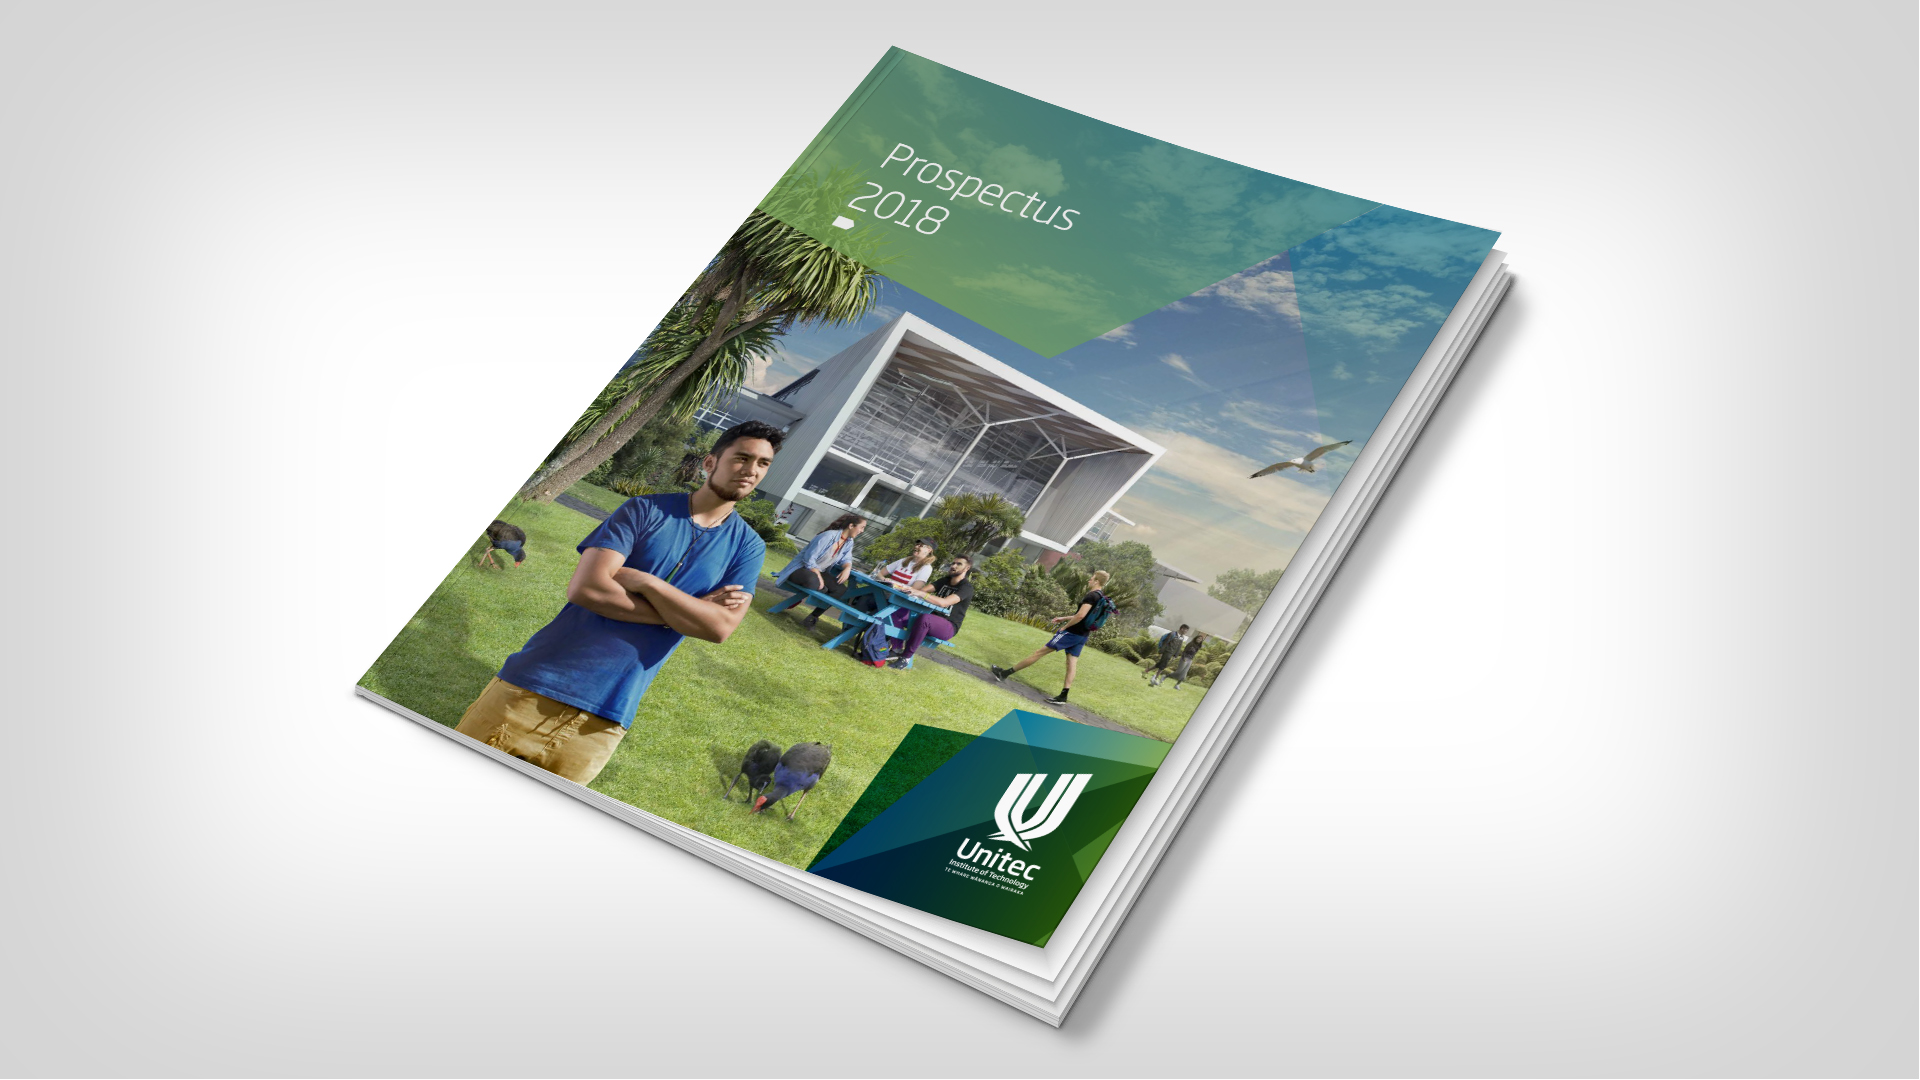 Unitec_prospectus cover.jpg